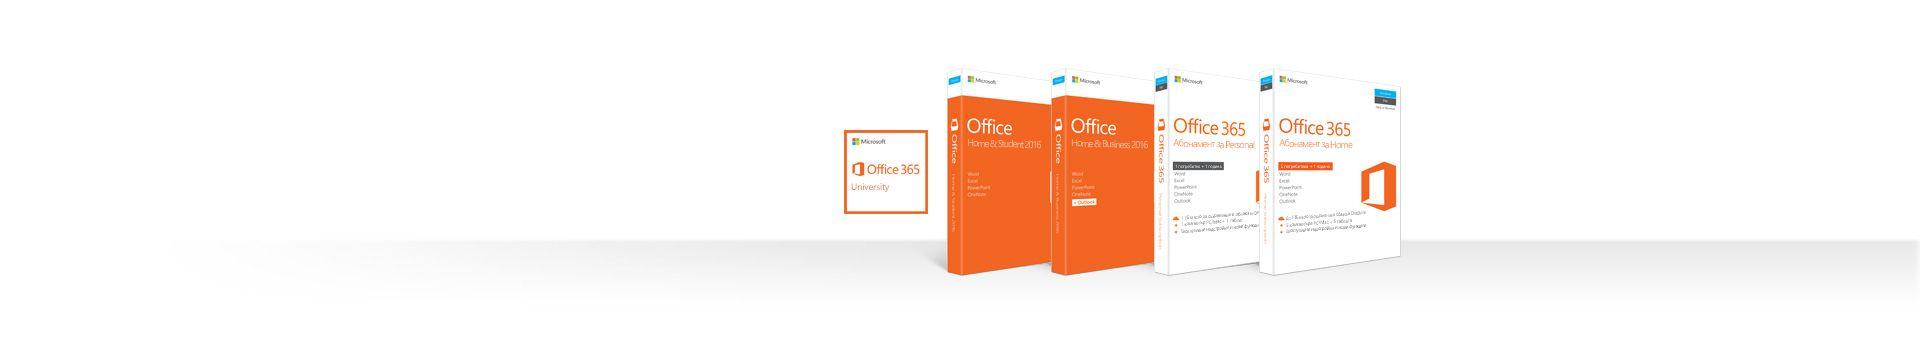 Ред правоъгълници с продуктите на Office 2016 и Office 365 за Mac